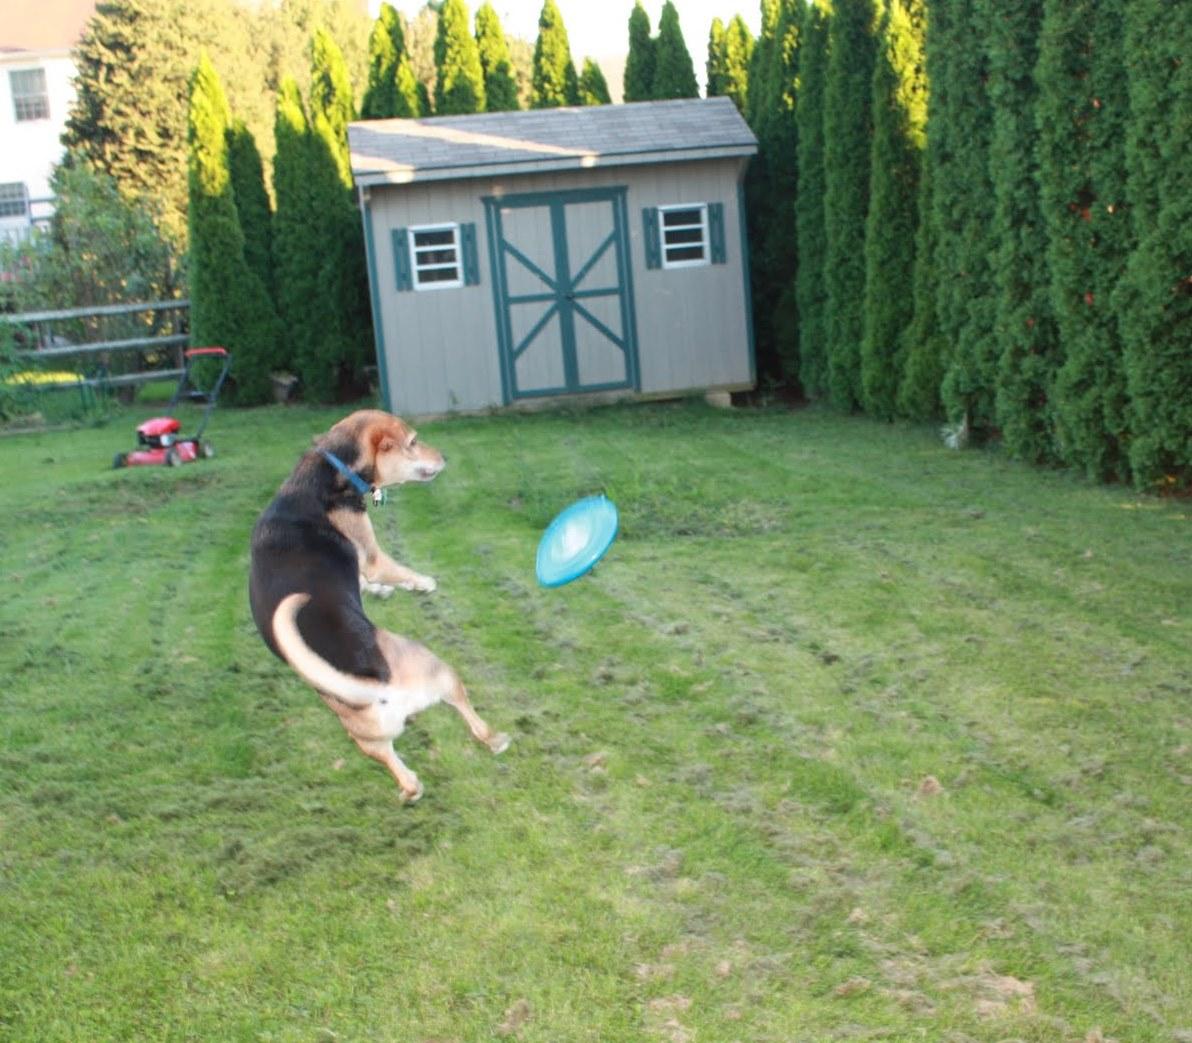 http://2.bp.blogspot.com/-s_gdXg2f1Ng/TlRG5hAAyfI/AAAAAAAAES4/2MU2XTdQOkM/s1600/angie+frisbee+flipping.jpg